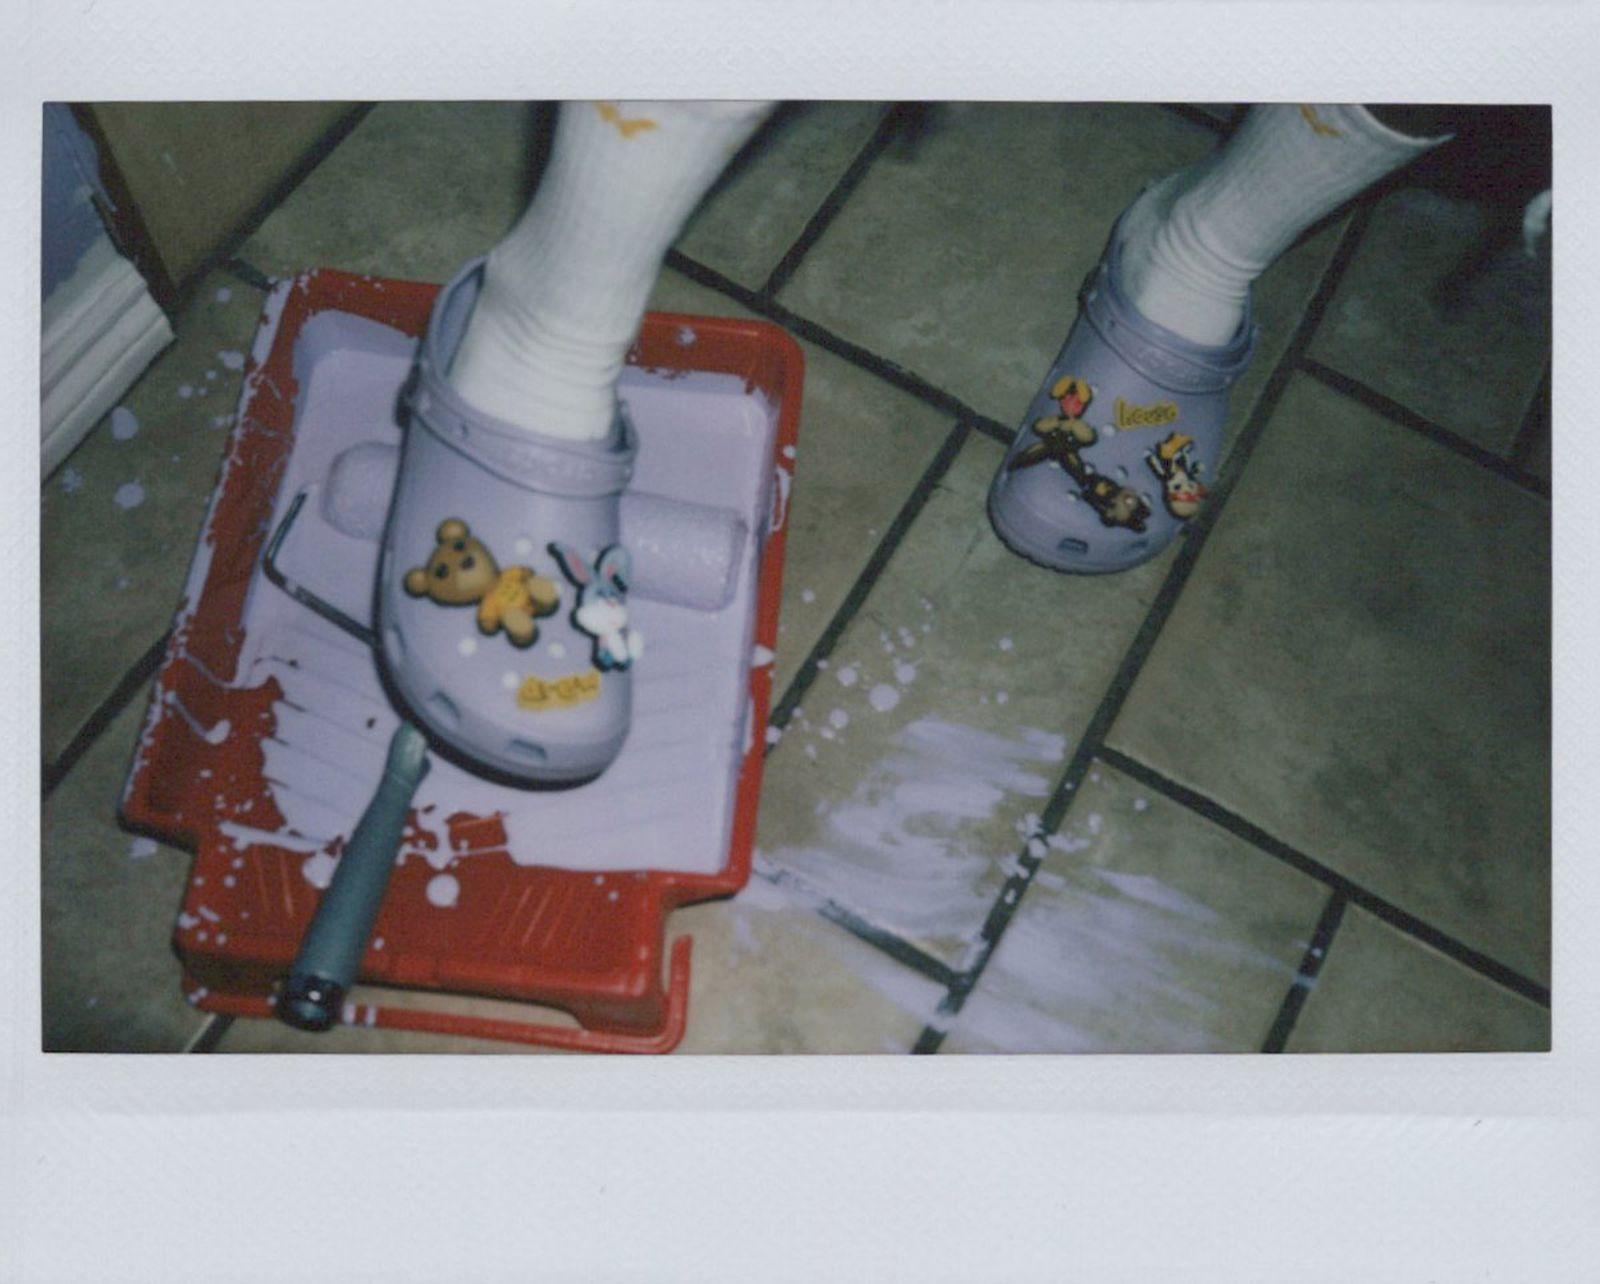 justin-bieber-crocs-classic-clog-2-release-date-price-06